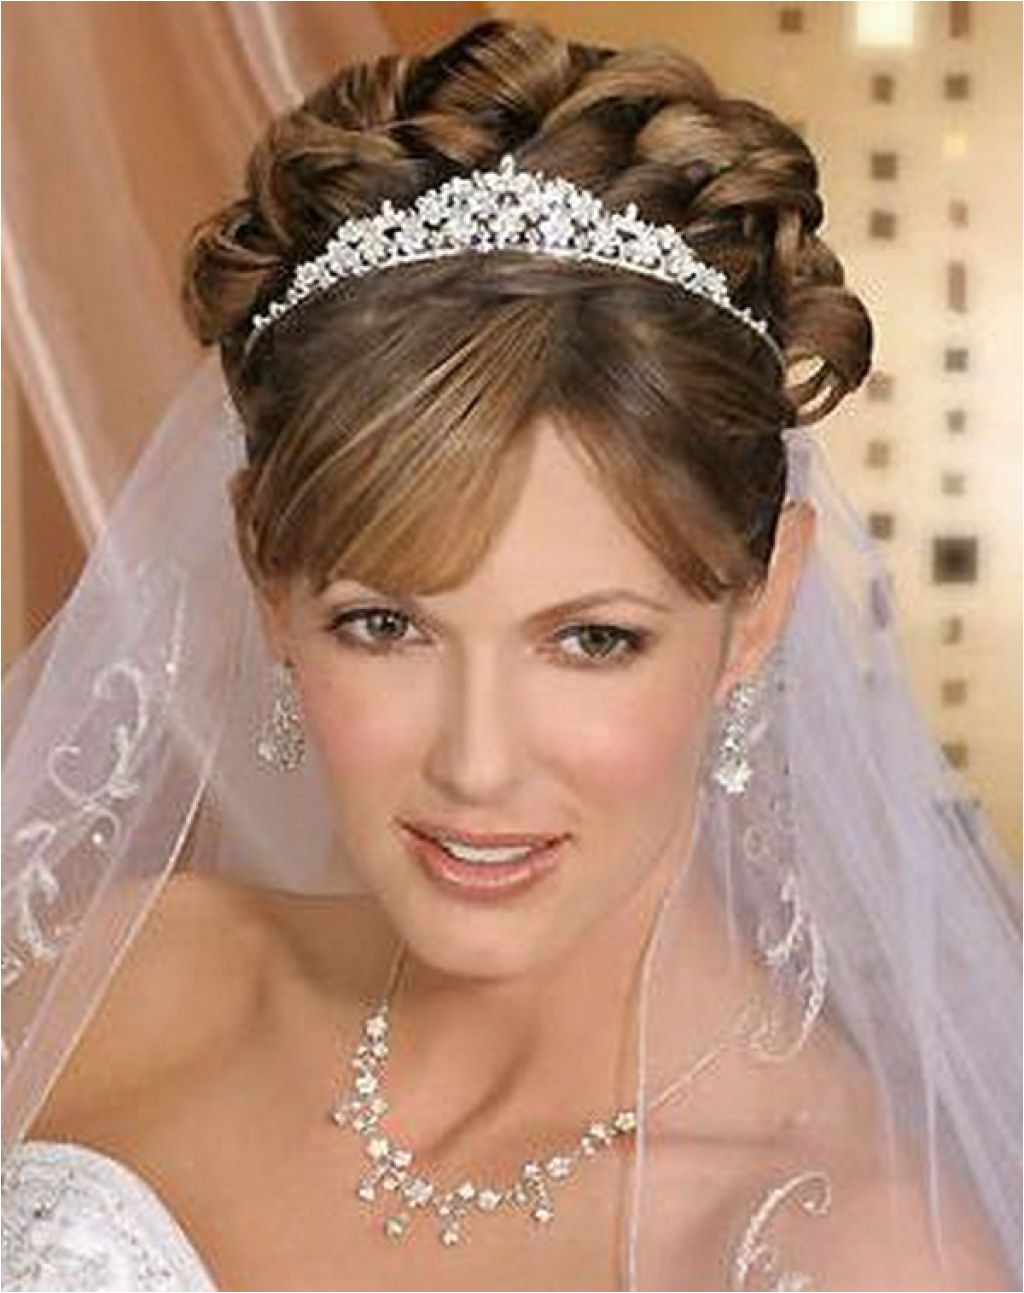 tiara wedding hairstyles ideas for brides